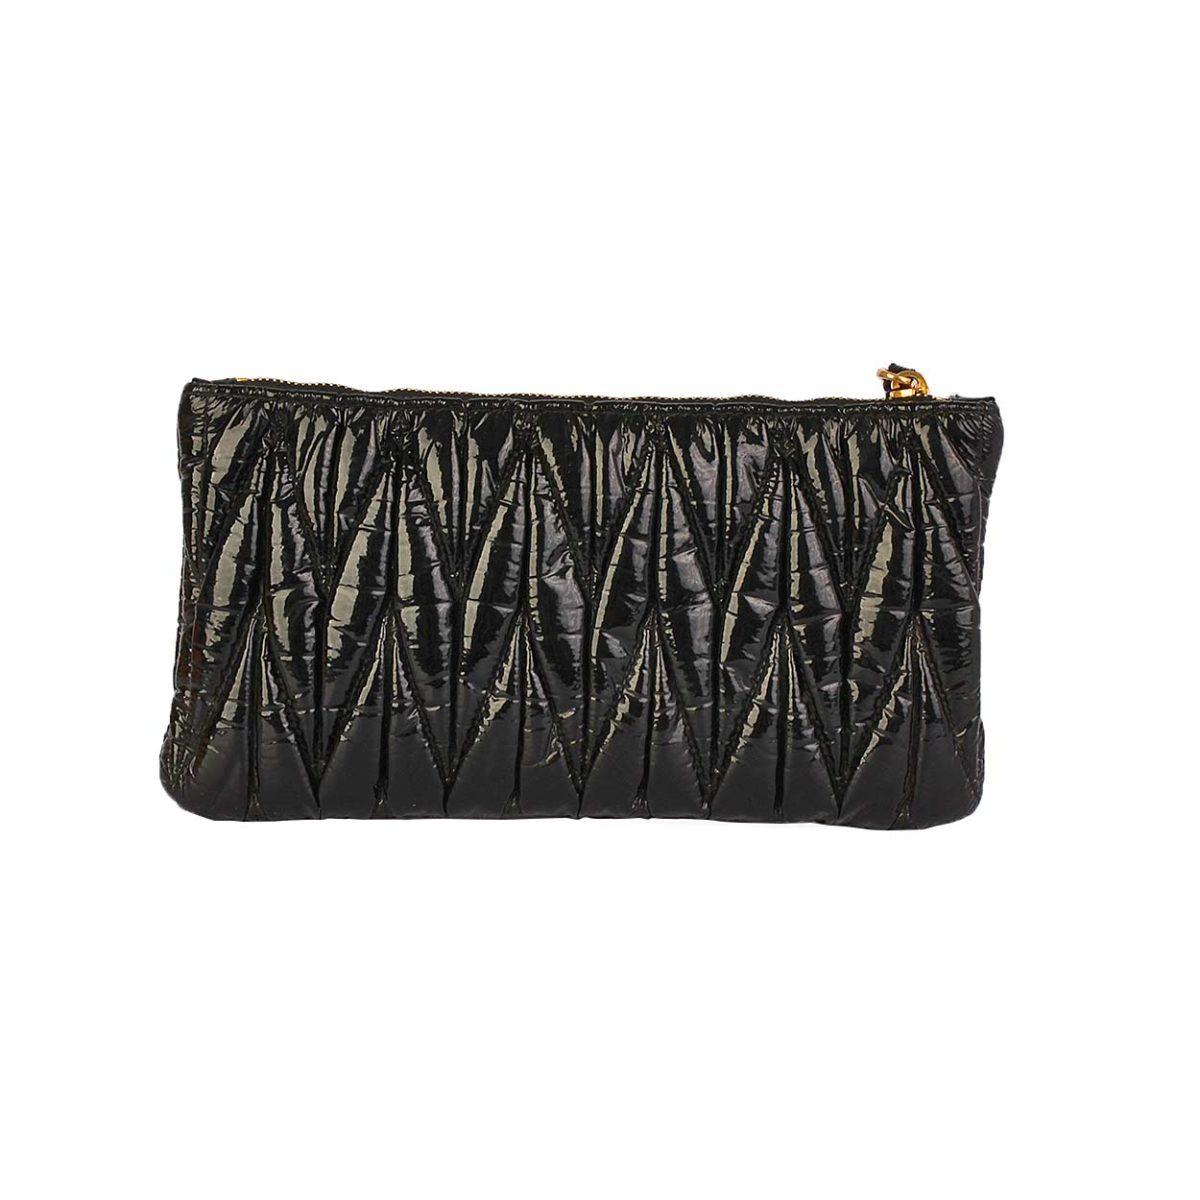 eee4640a93d45 MIU MIU Matelasse Wristlet Clutch Black   Luxity